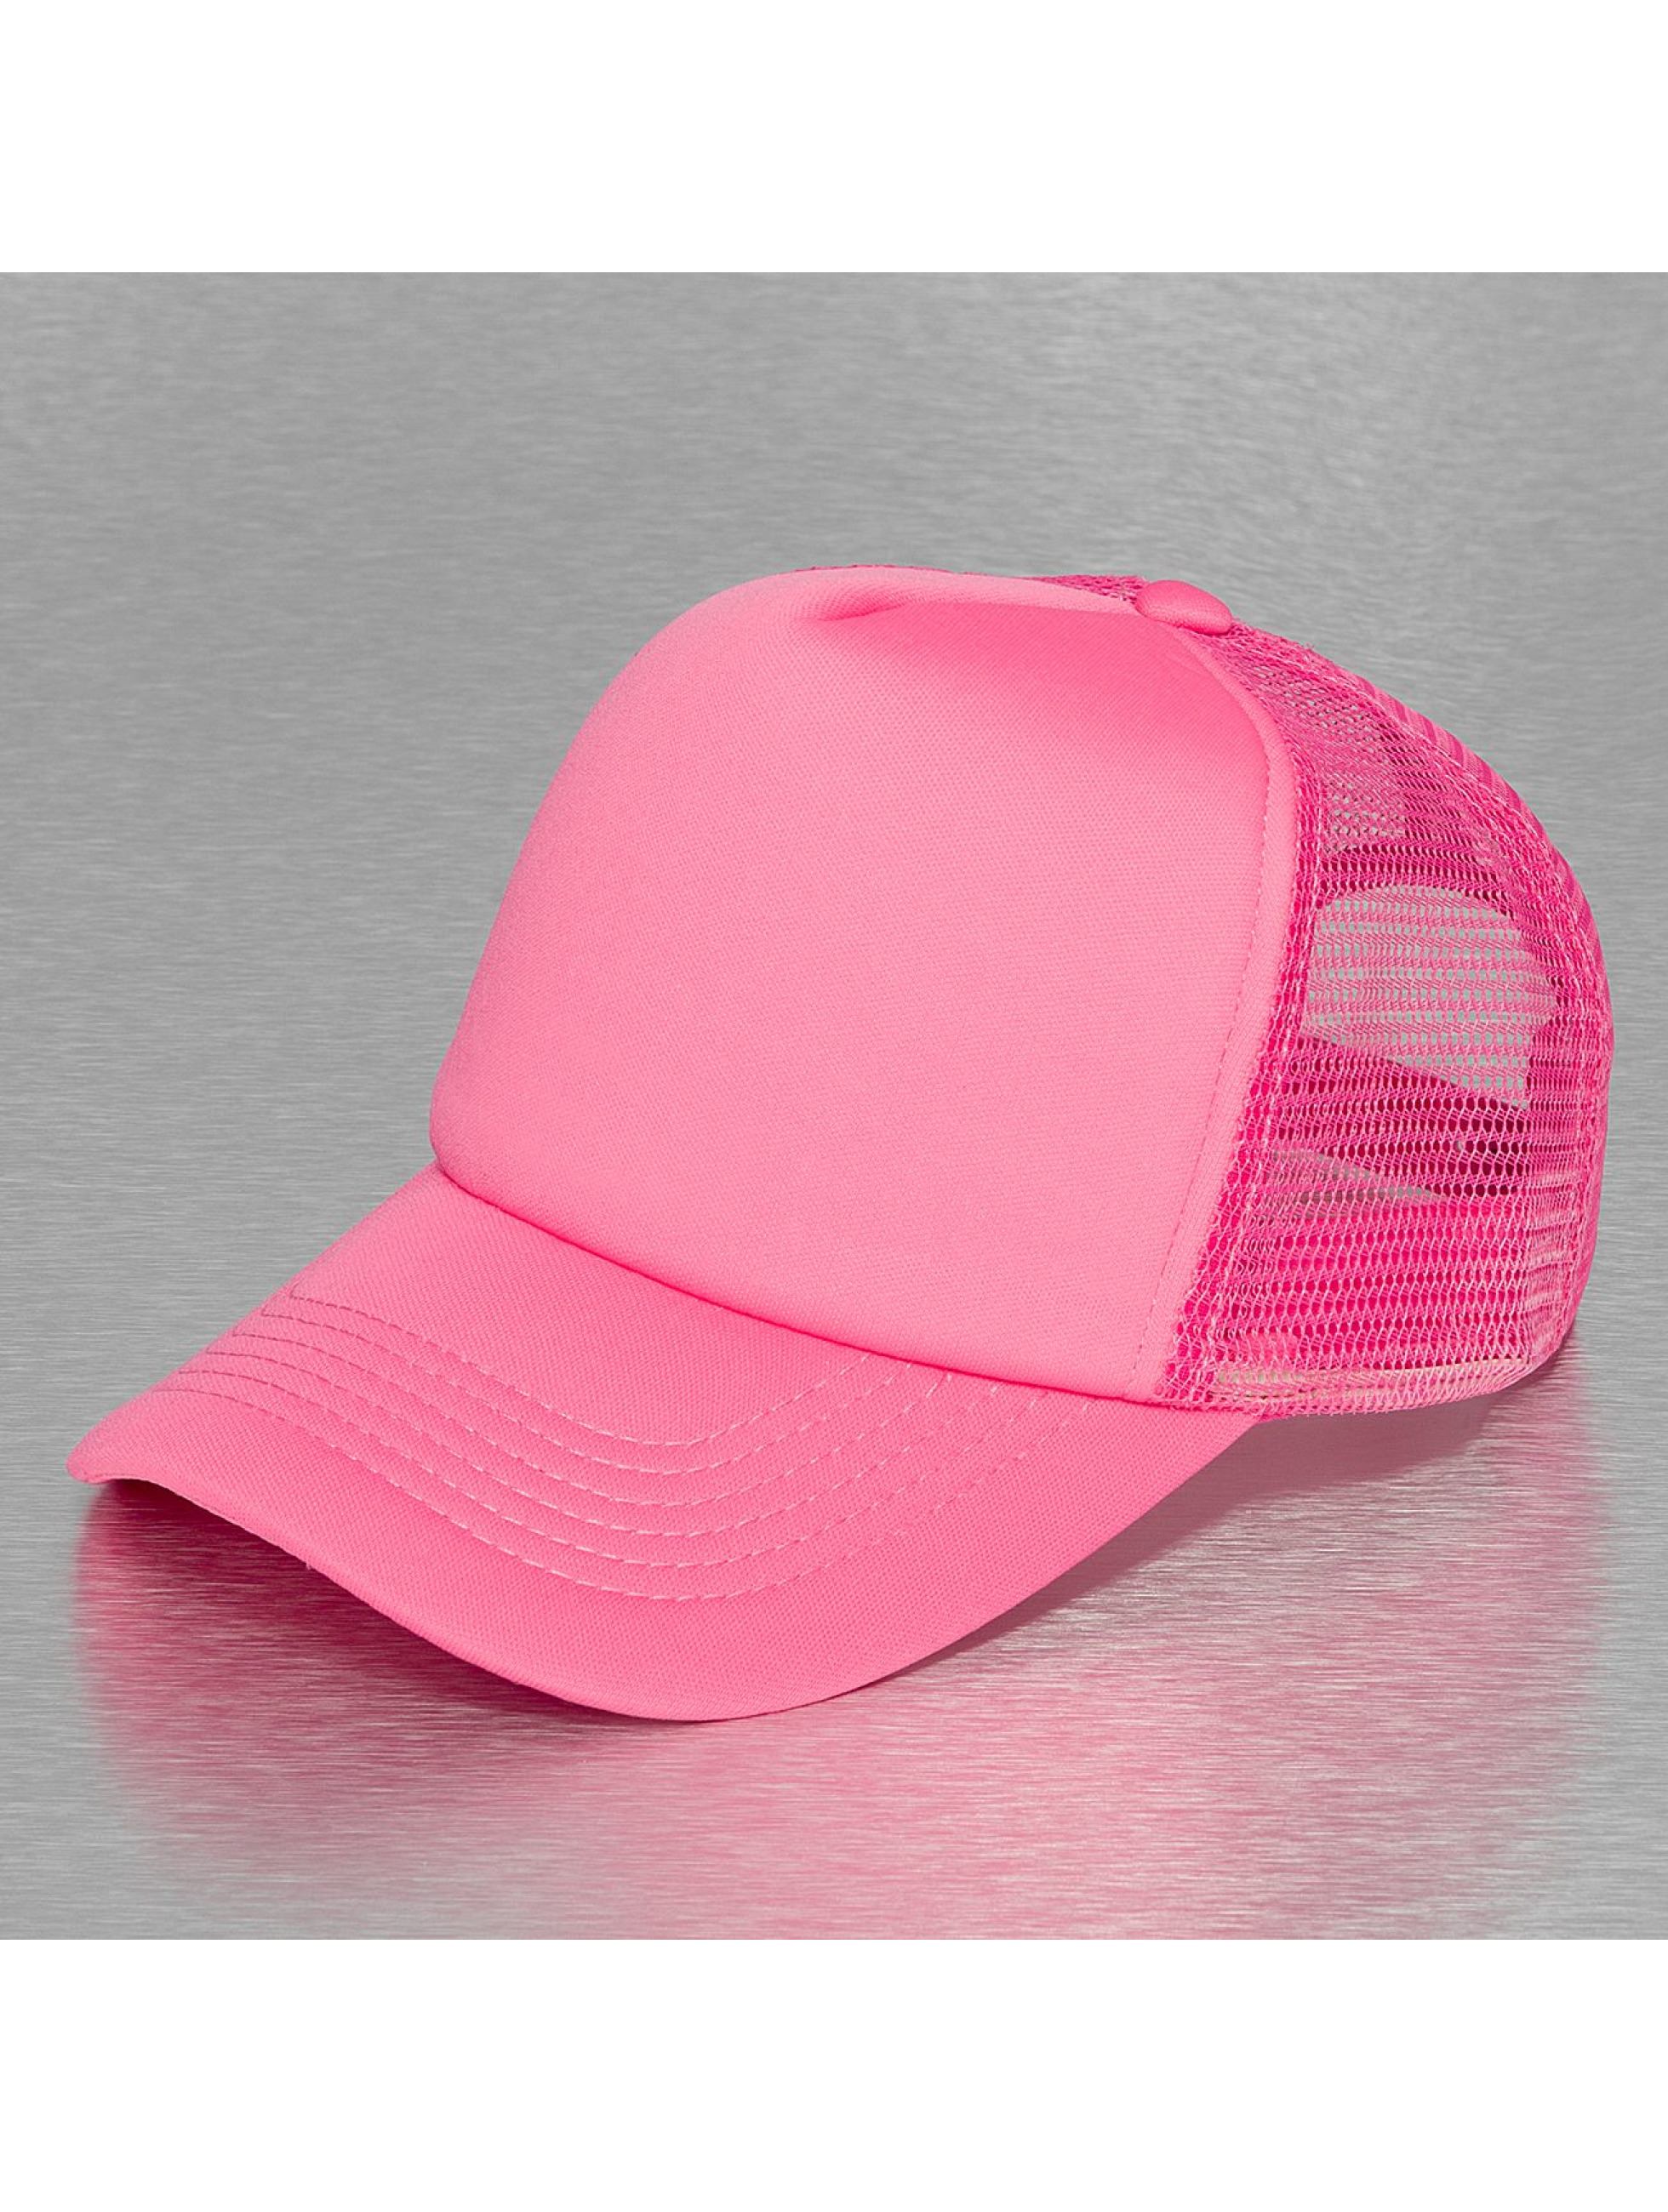 Trucker Cap Blank in pink